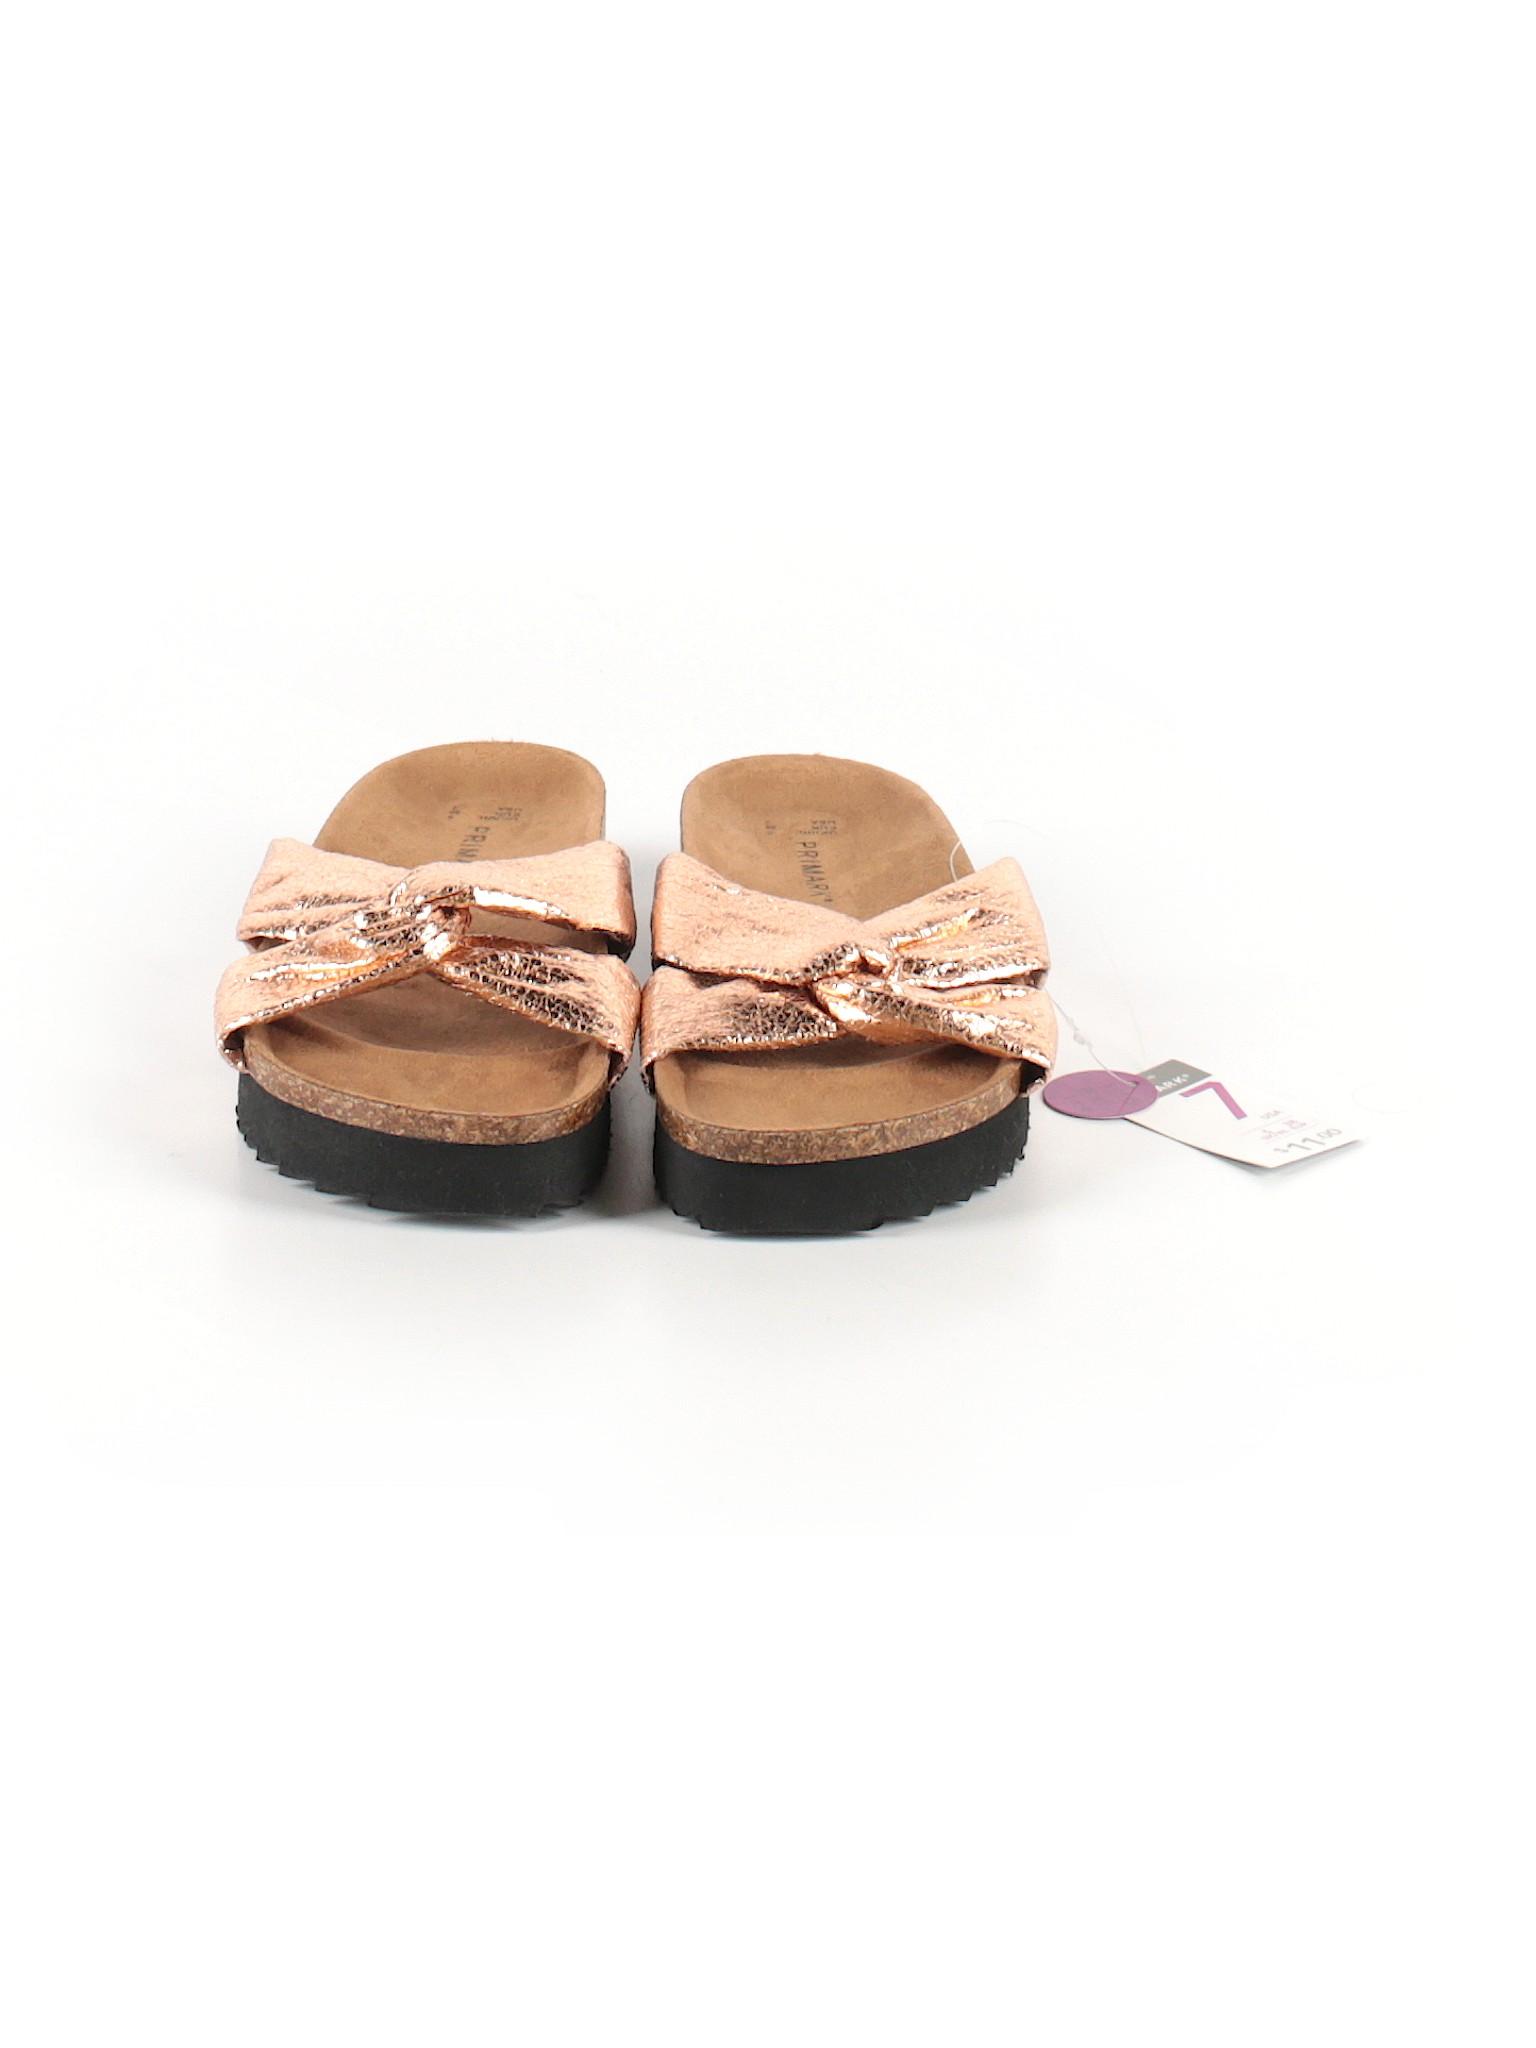 promotion Boutique promotion Sandals Primark Primark Boutique Sandals promotion Boutique xvwZfY4